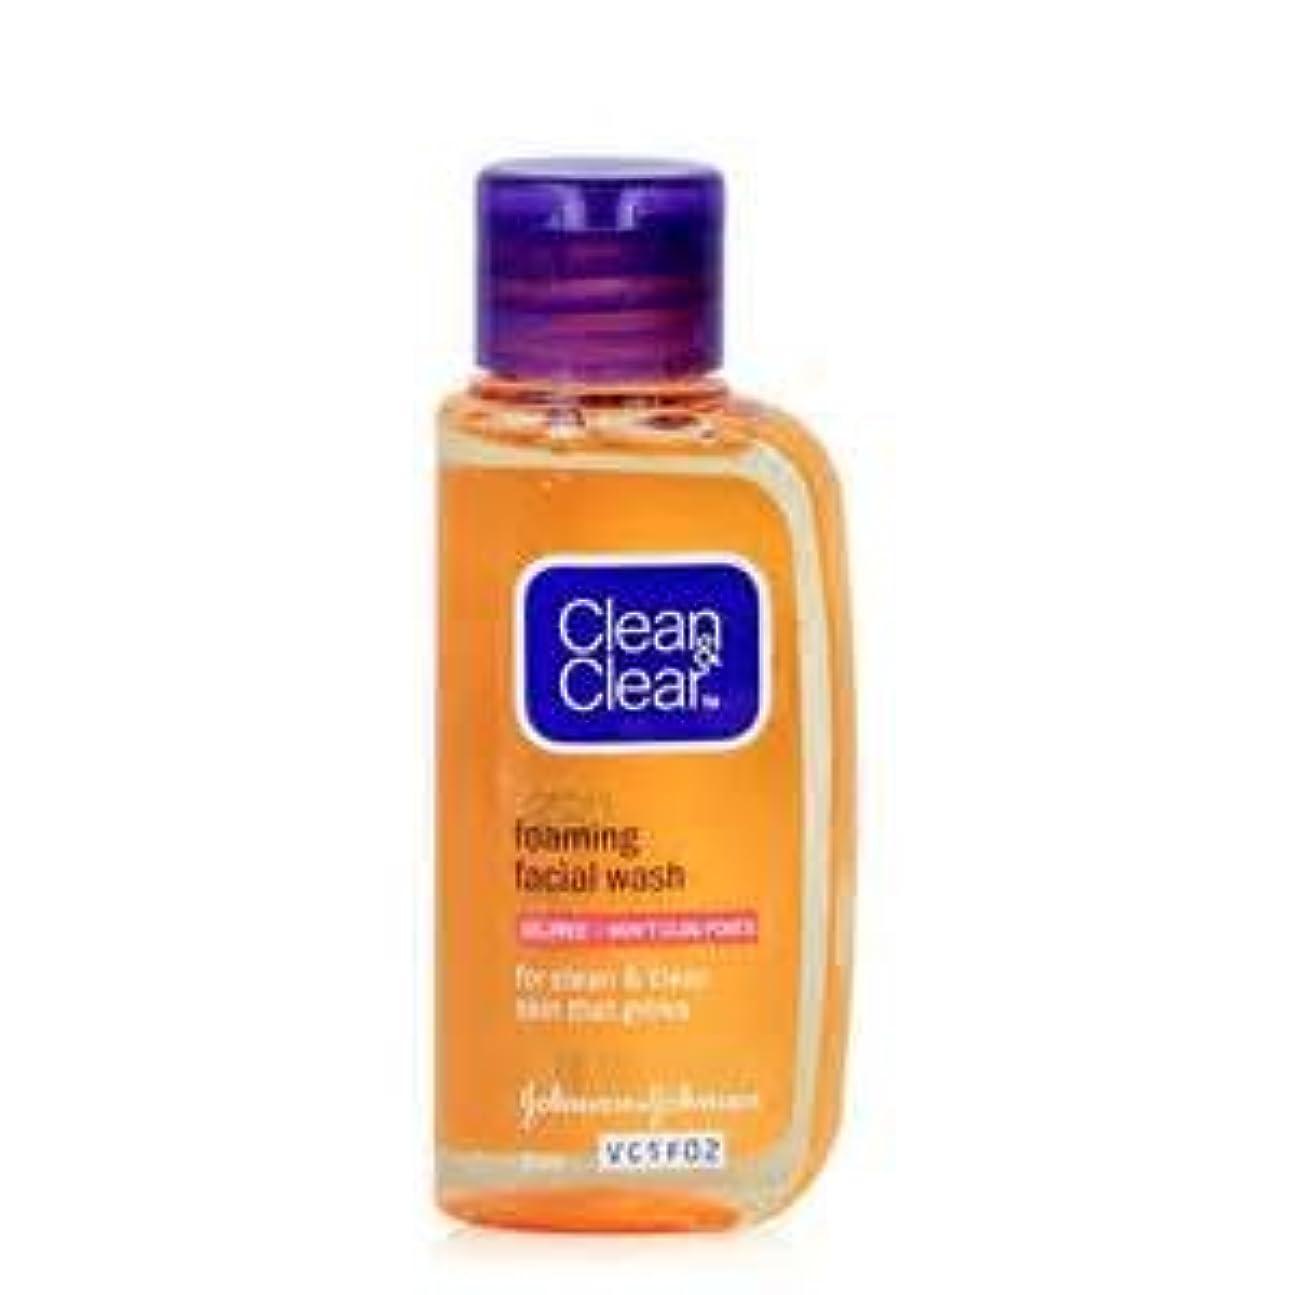 叱る熱狂的なつづりクリーン&クリア エッセンシャル フォーミング フェイシャル ウォッシュ clean&clear essentials foaming facial wash 50ml